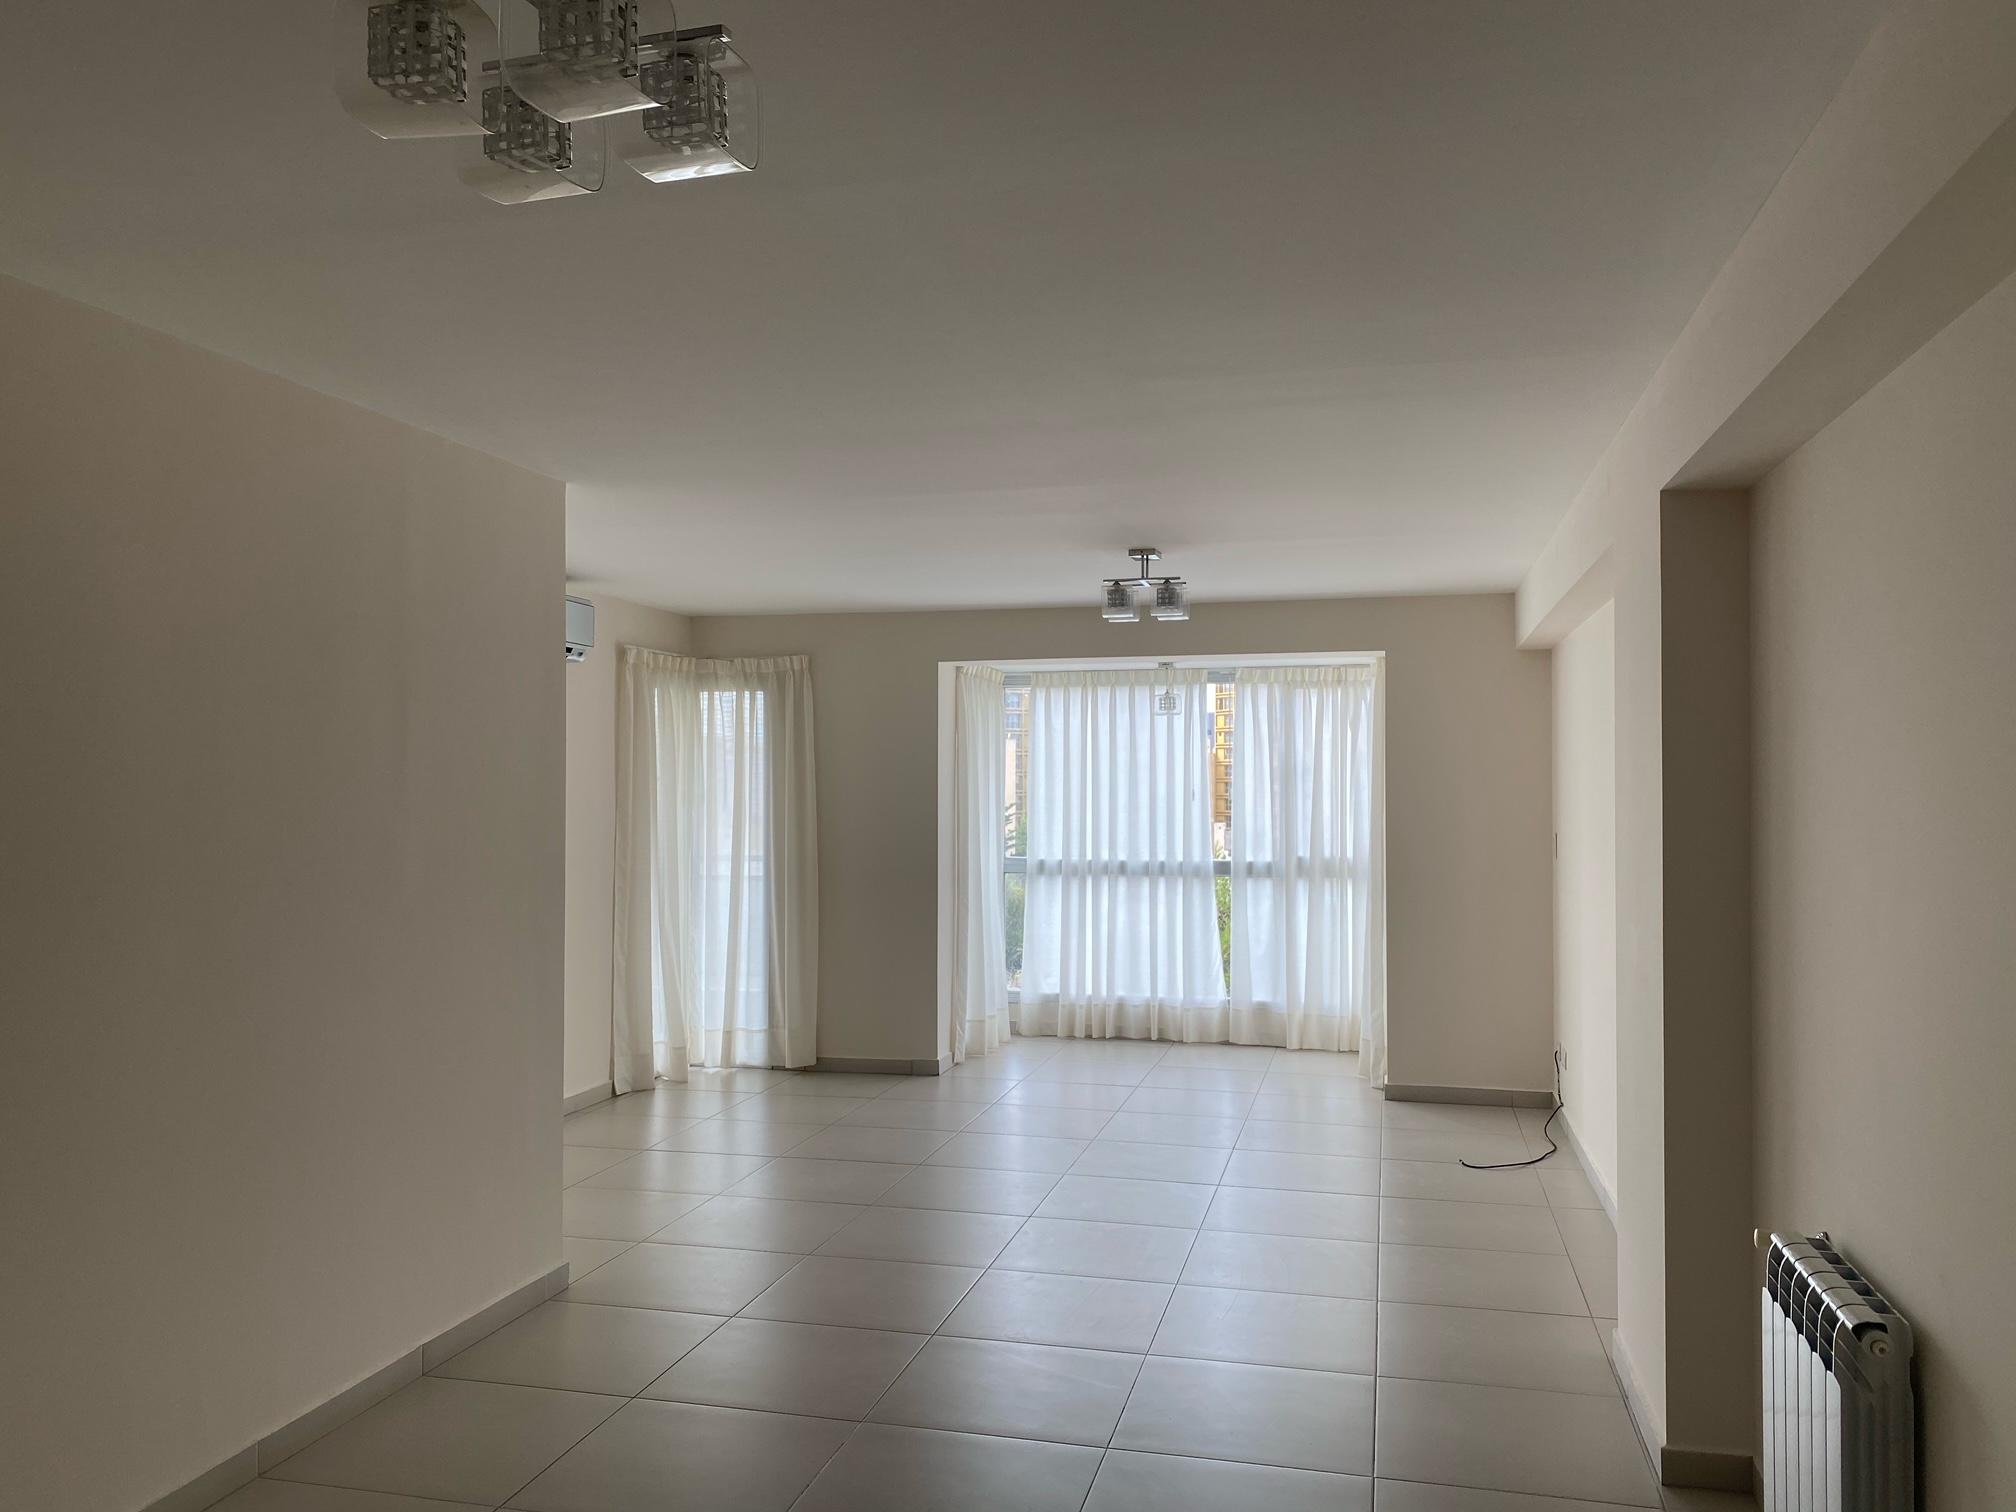 Semipiso de 3 dormitorios ejecutivo en alquiler, con cochera y baulera, Zona centro.-